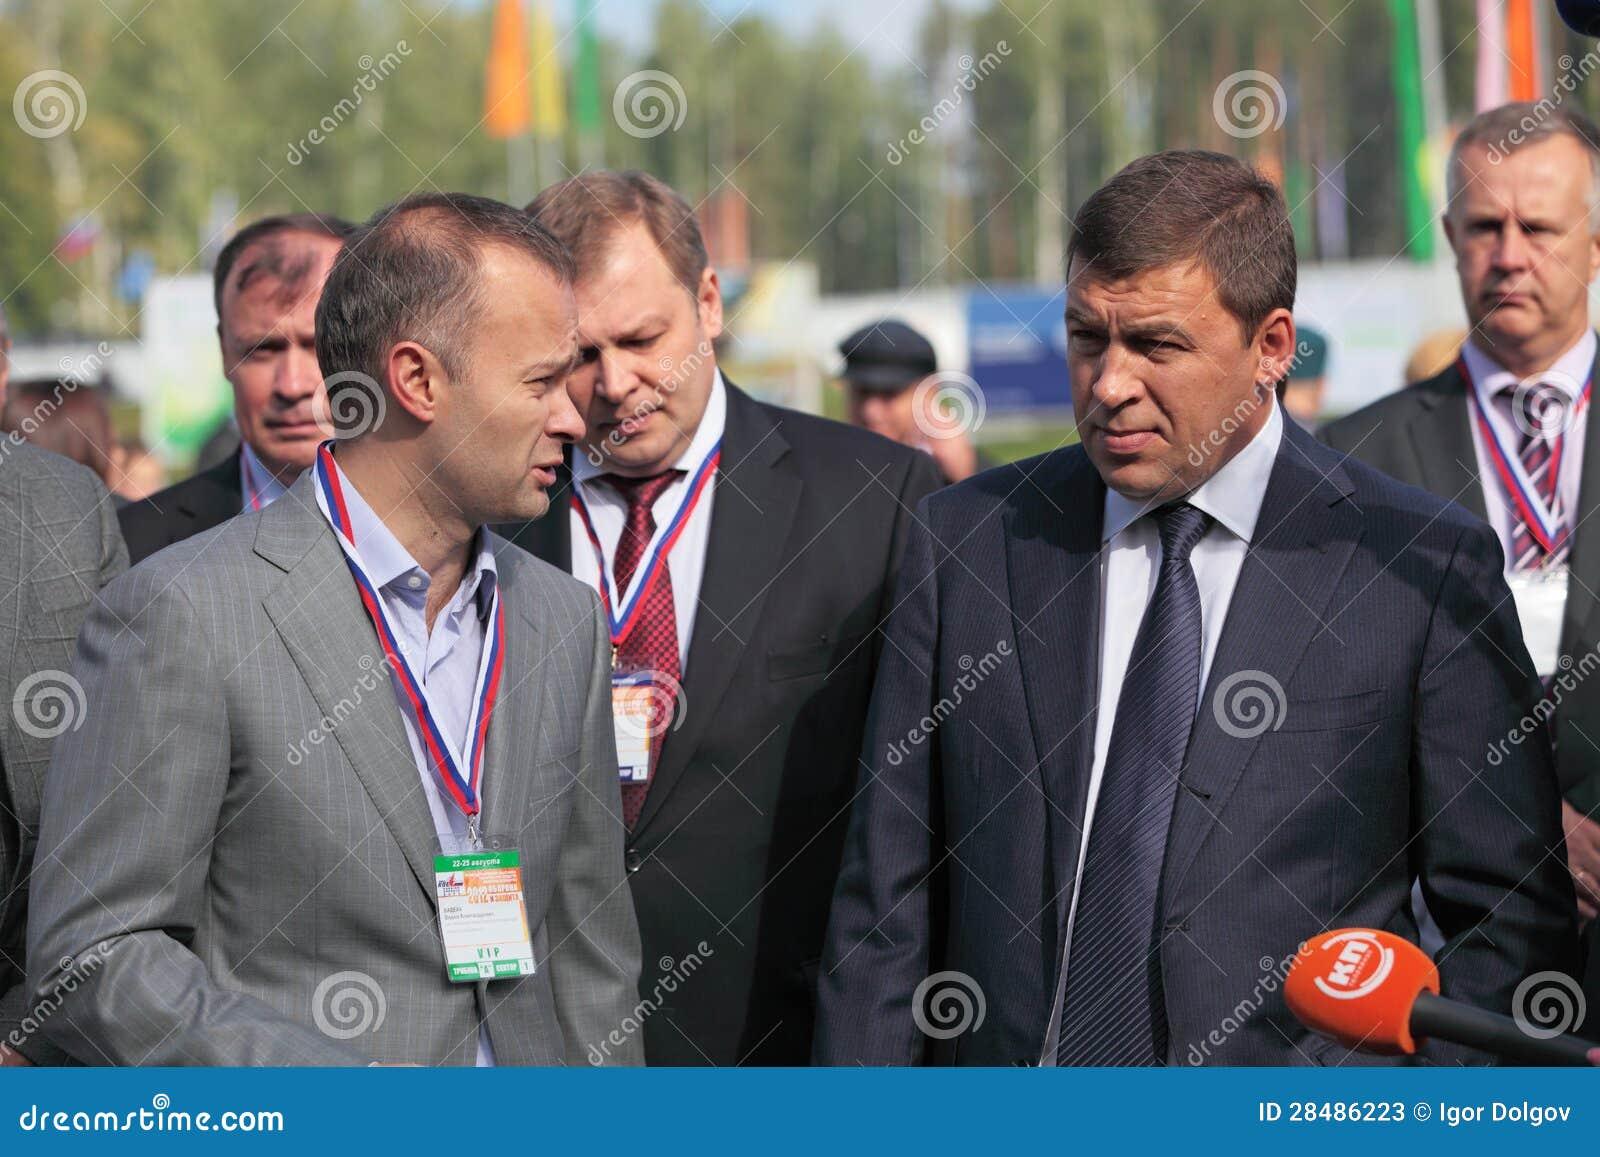 Evgeny Kuyvashev today 28